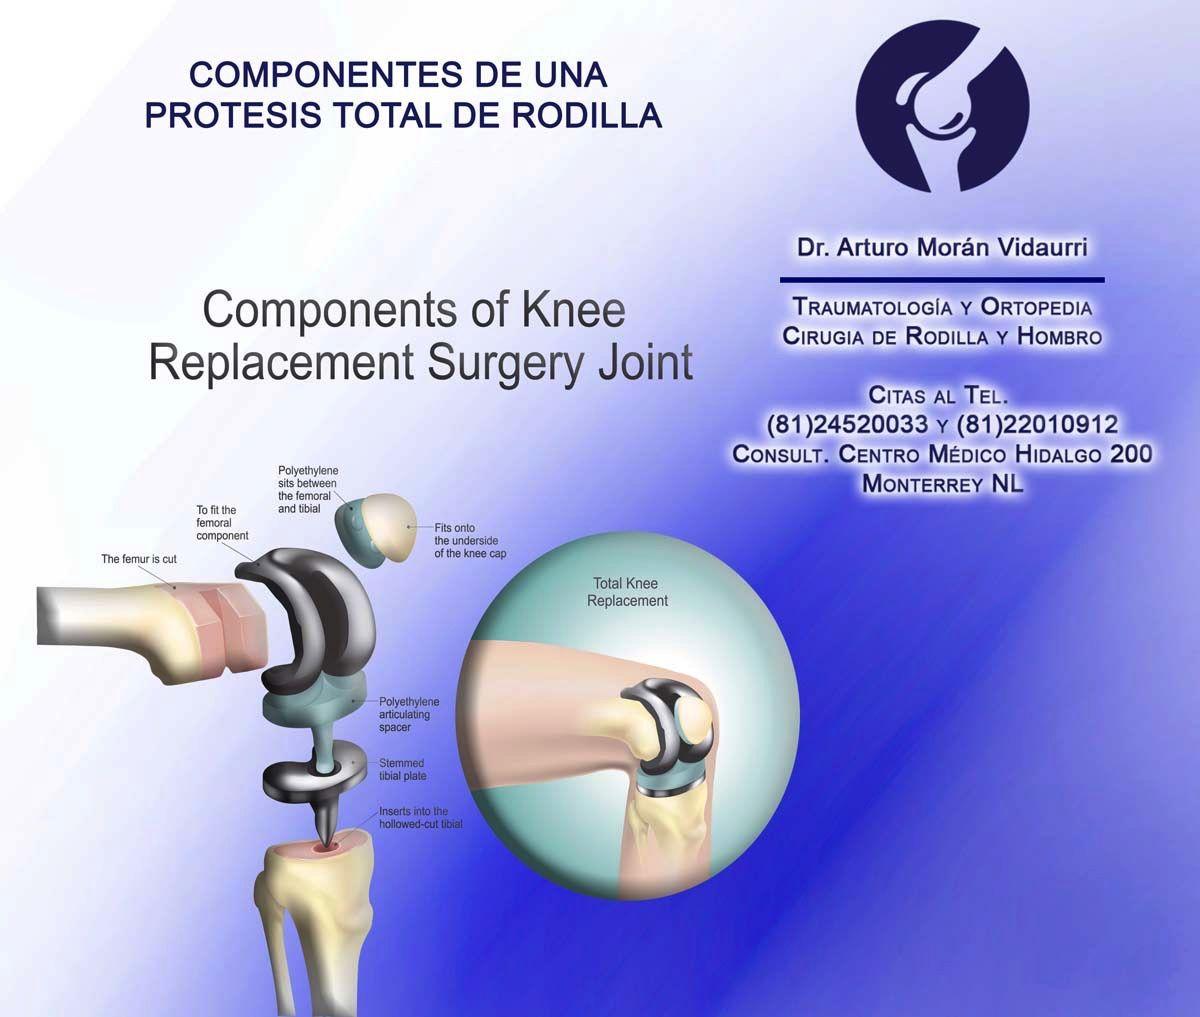 Protesis Total De Rodilla Tratamiento Para Desgaste De Rodilla Avanzado Protesisderodilla Dolorderodilla Cirugía De Rodilla Rodillas Dolor En La Rodilla